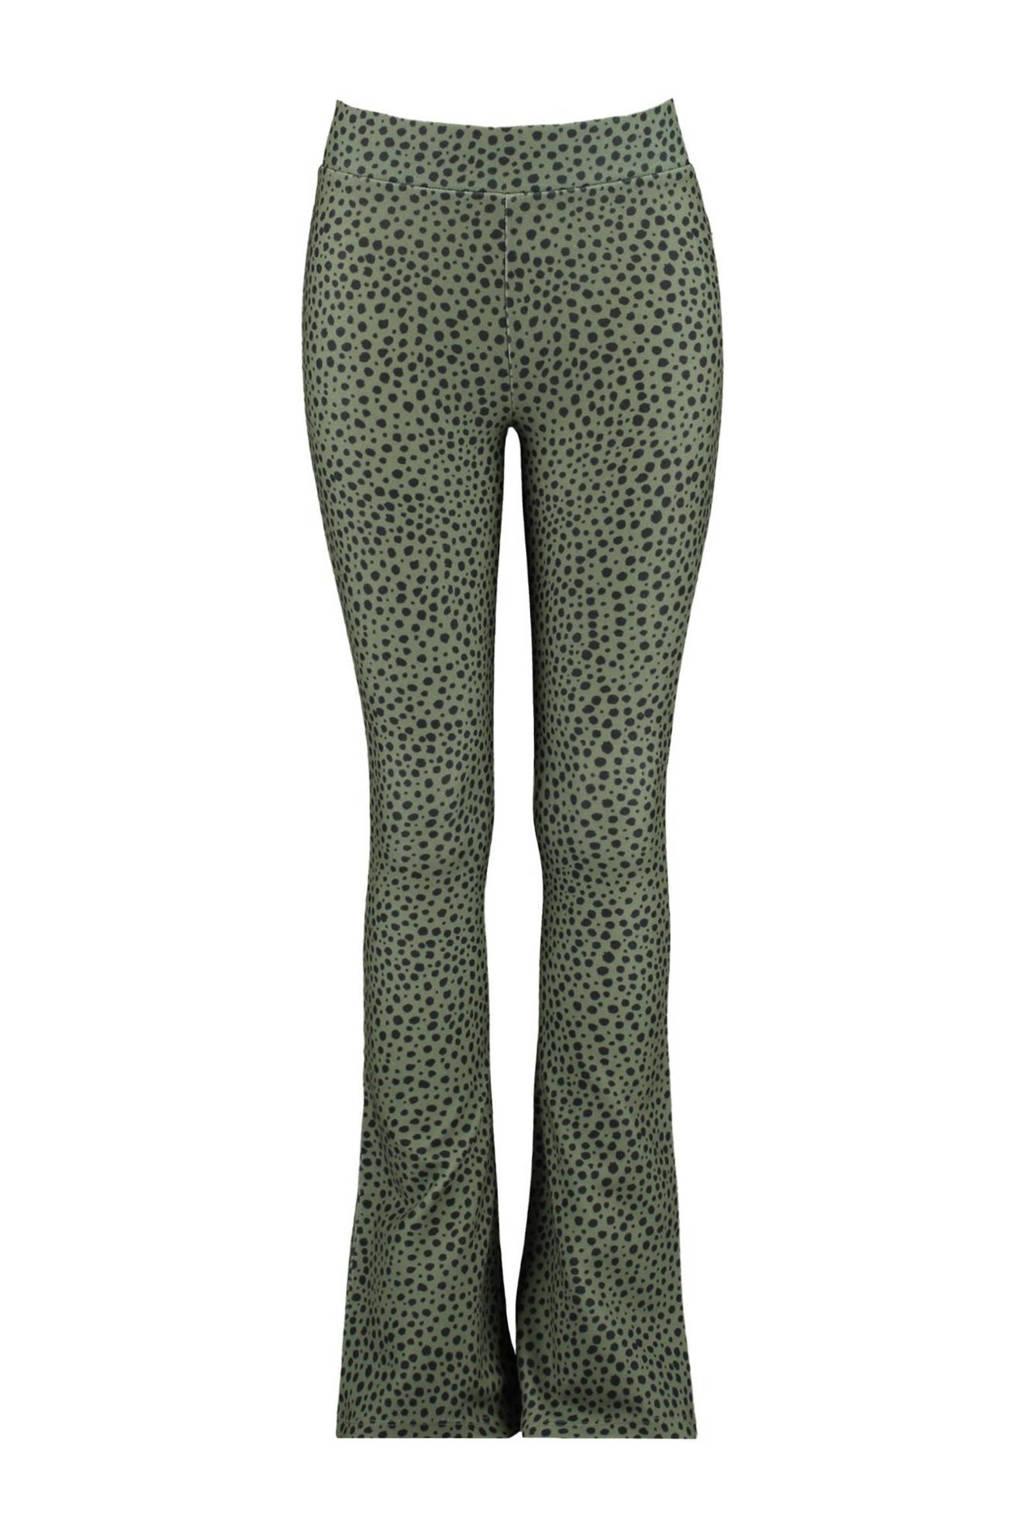 CoolCat Junior flared broek Philou met stippen groen/zwart, Groen/zwart